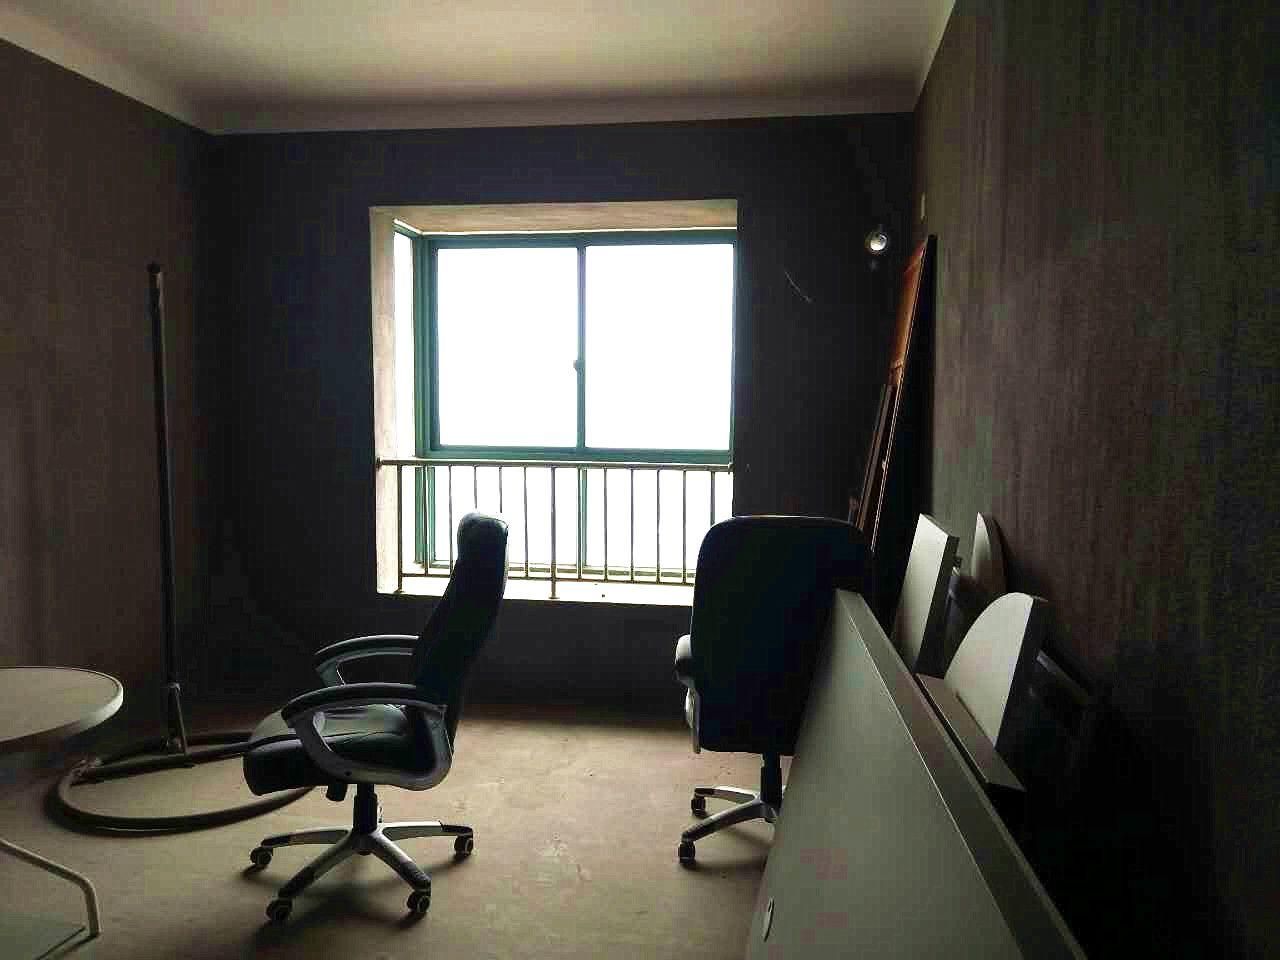 紫荆公寓精品房源:依山傍水环境优美,您还犹豫什么呢?